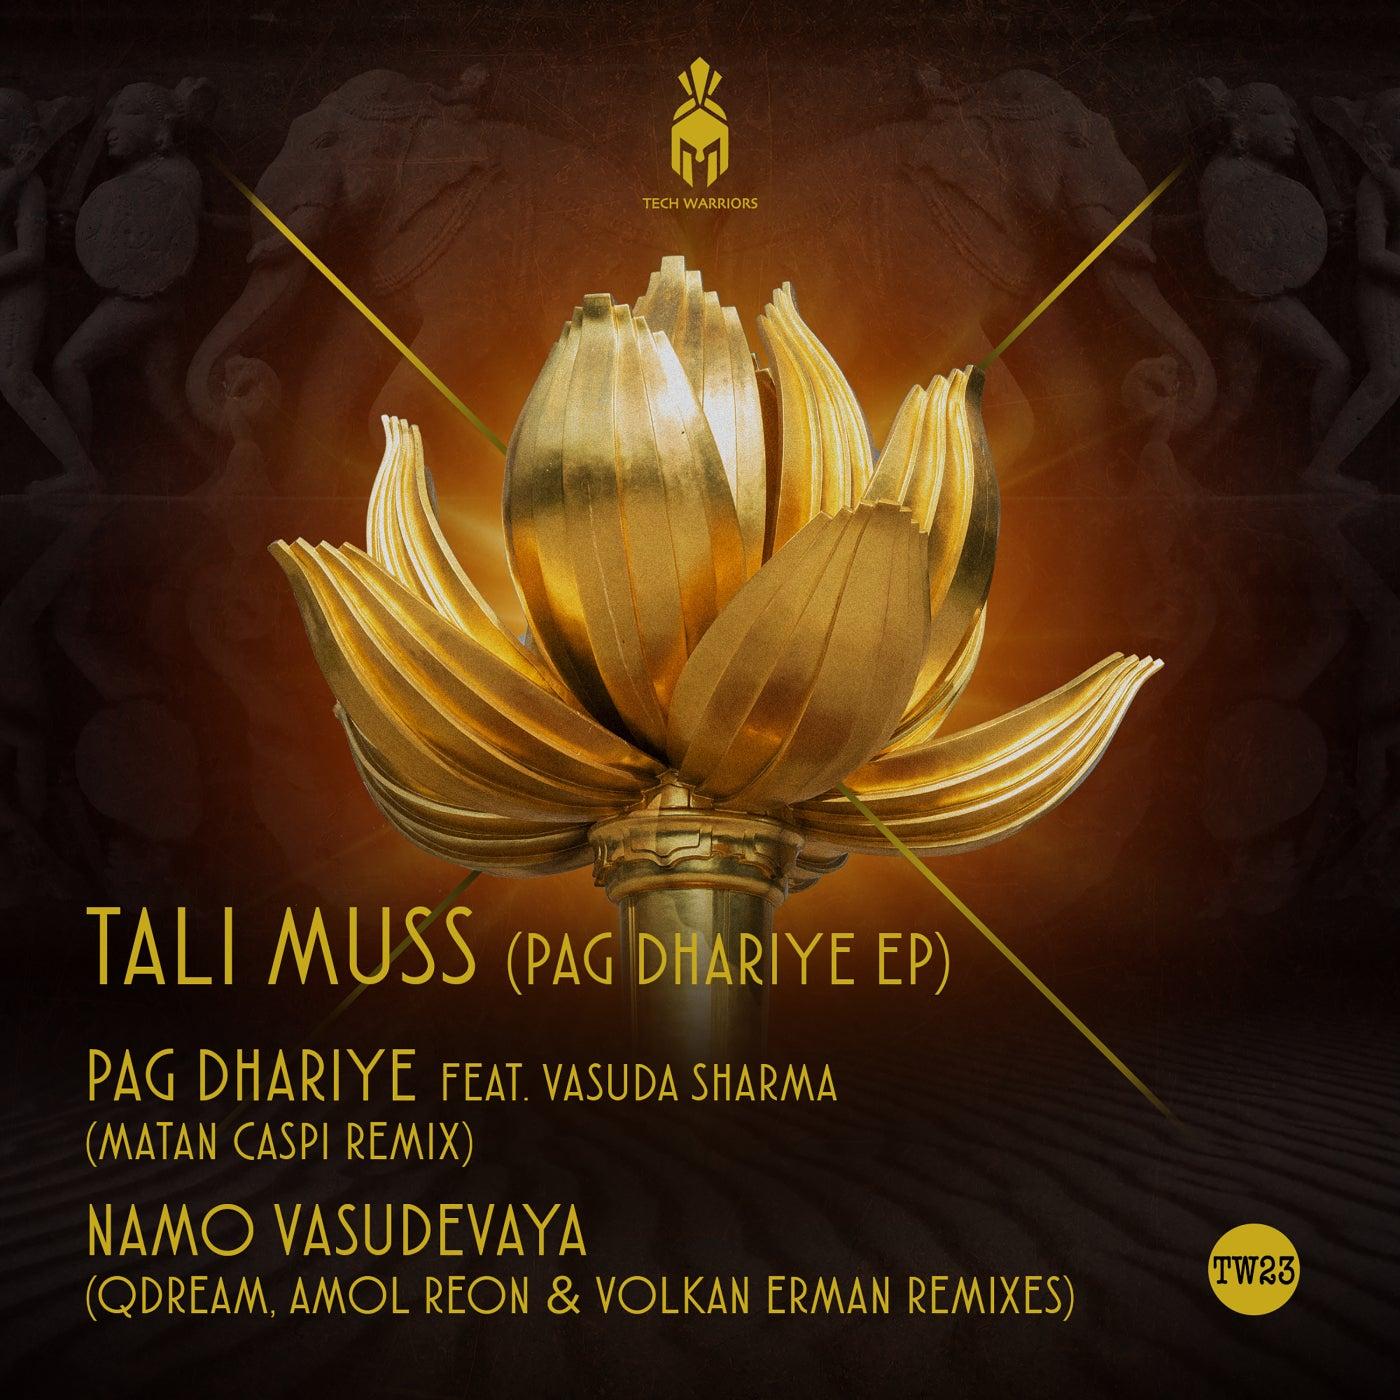 Om Namo Vasudevaya (QDream Remix)